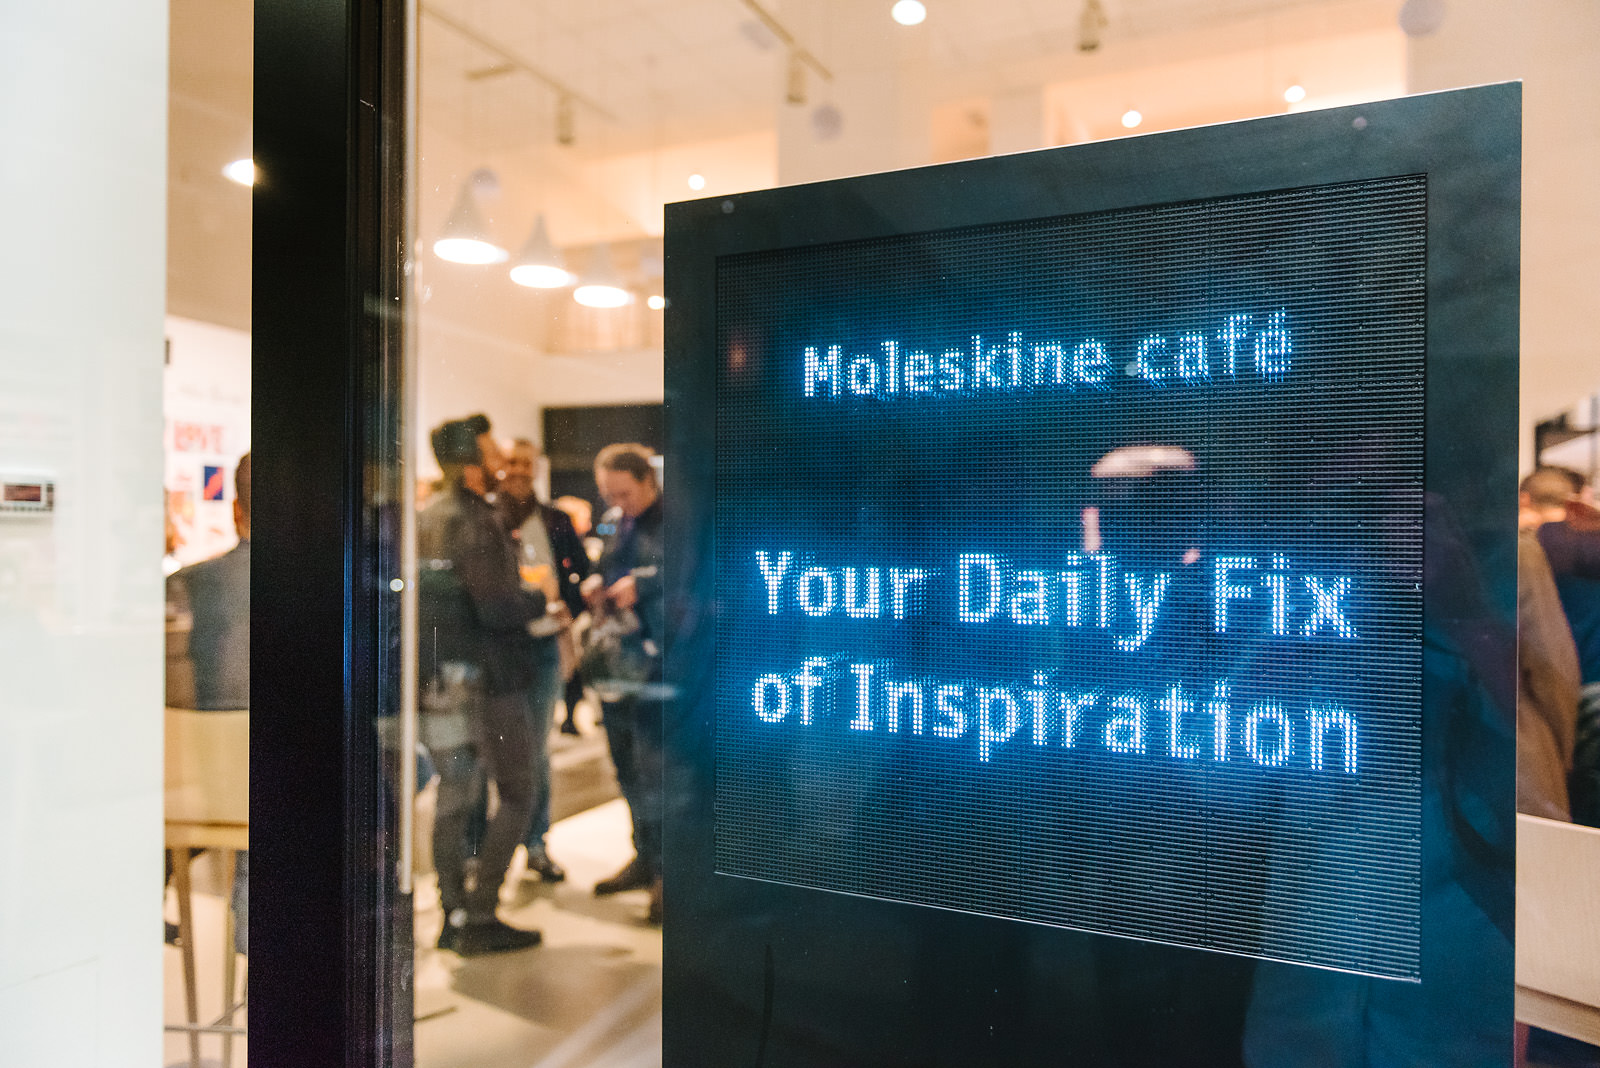 moleskine-cafe-gruppo-peroni-eventi-00